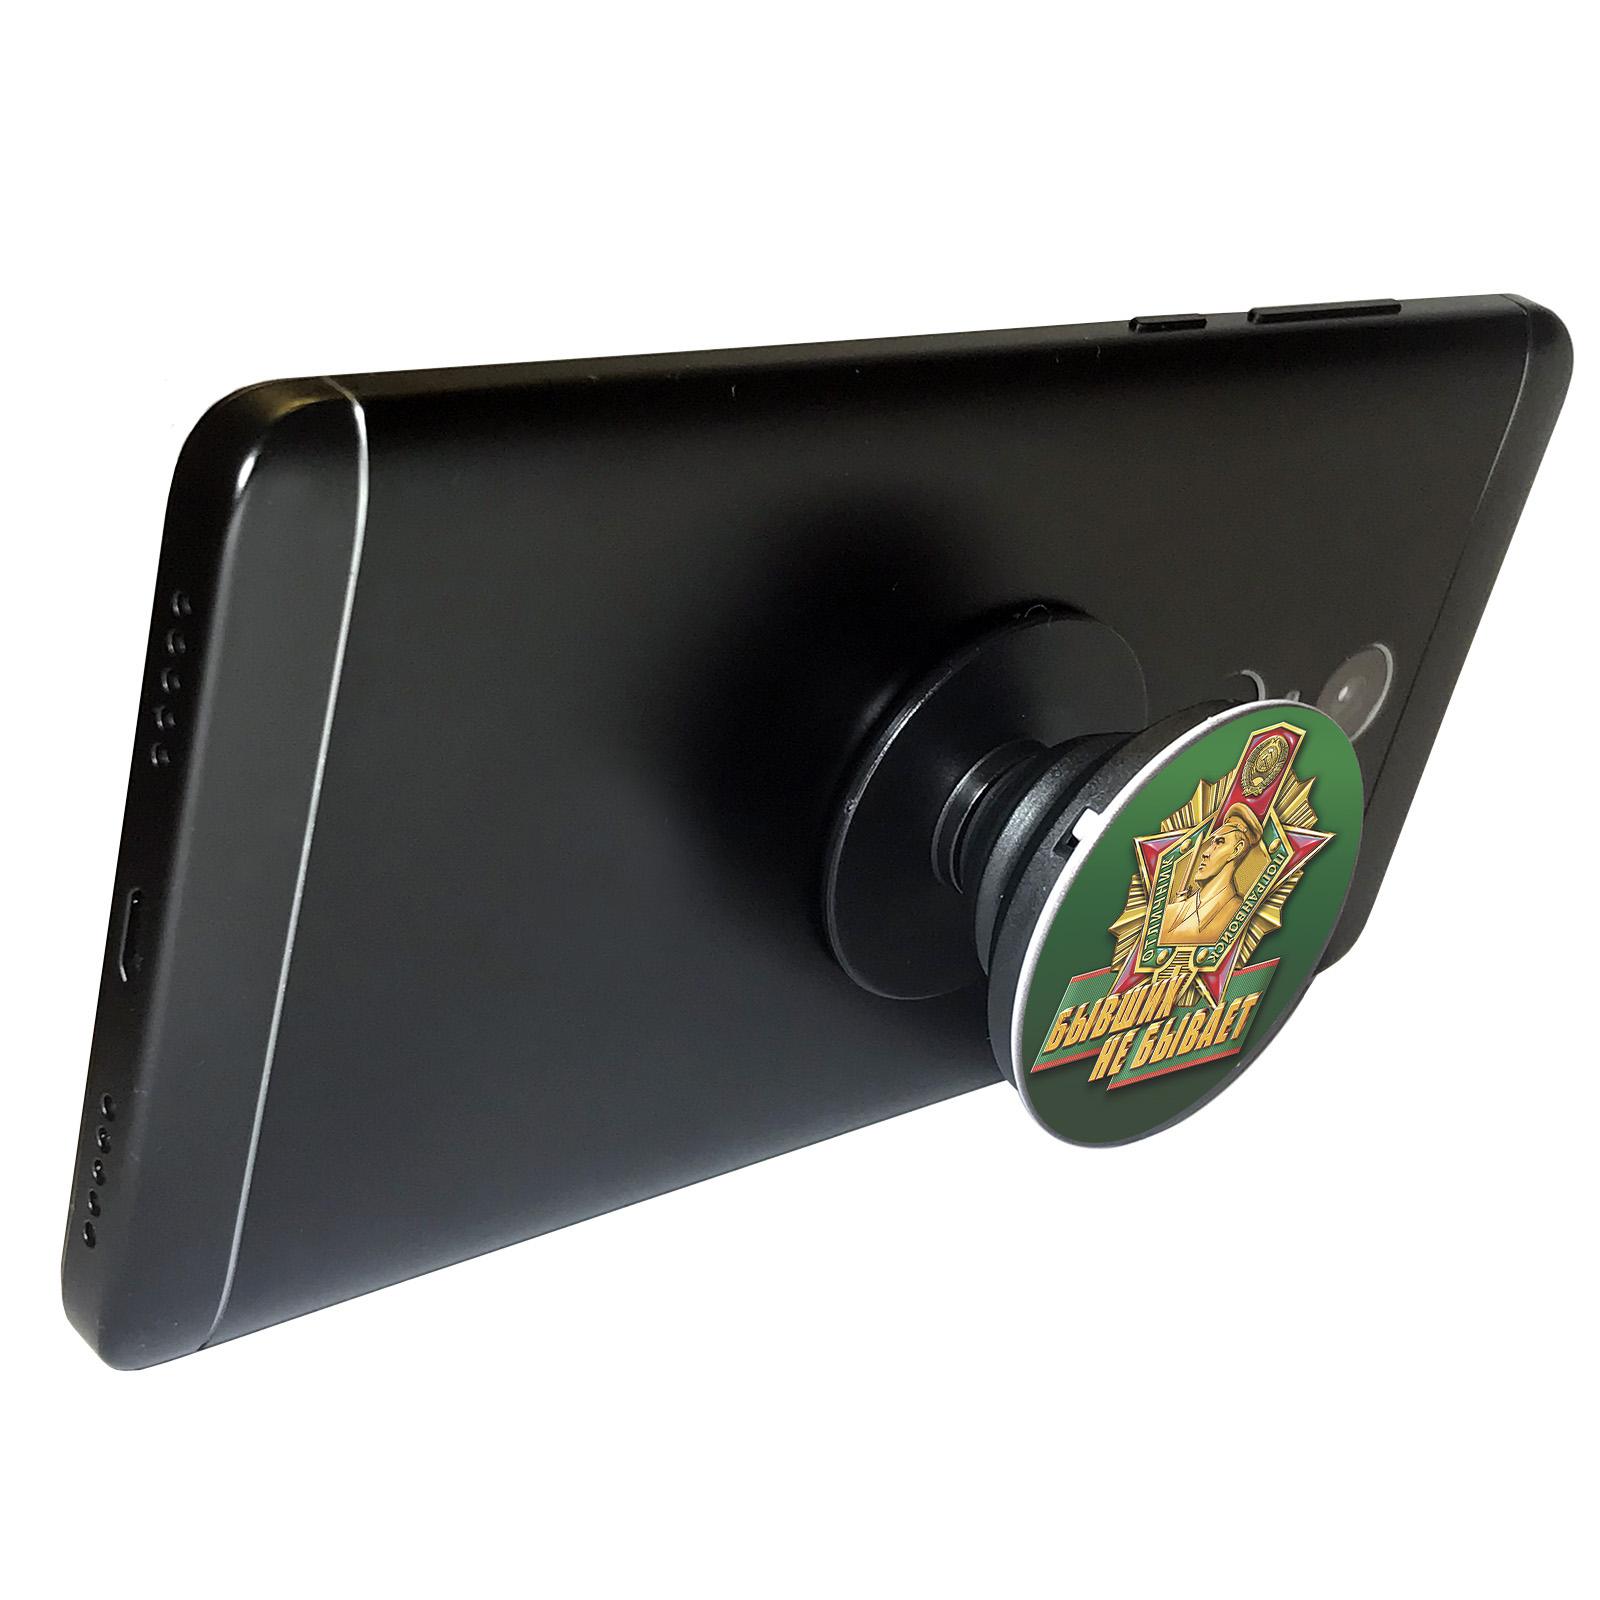 Купить оригинальный держатель для телефона с принтом ПВ